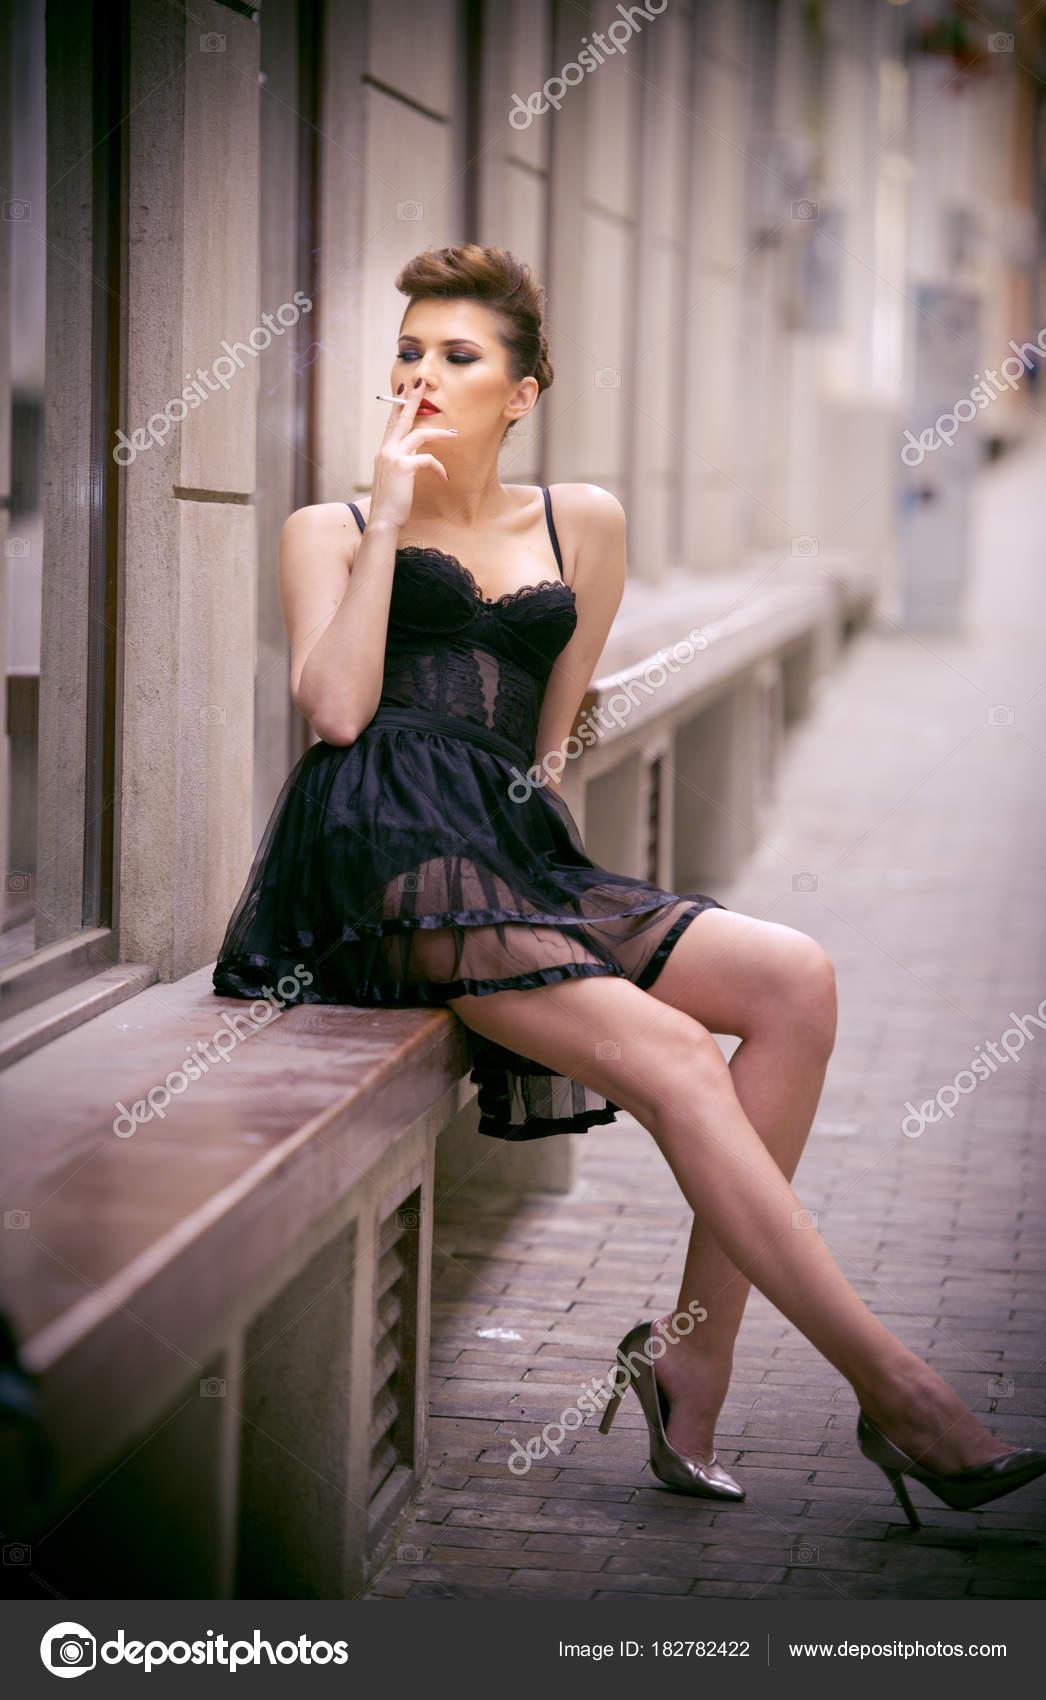 a7f1e9ccb68 Fille Sensuelle Avec Longues Jambes Courte Robe Noire Des Talons– images de  stock libres de droits